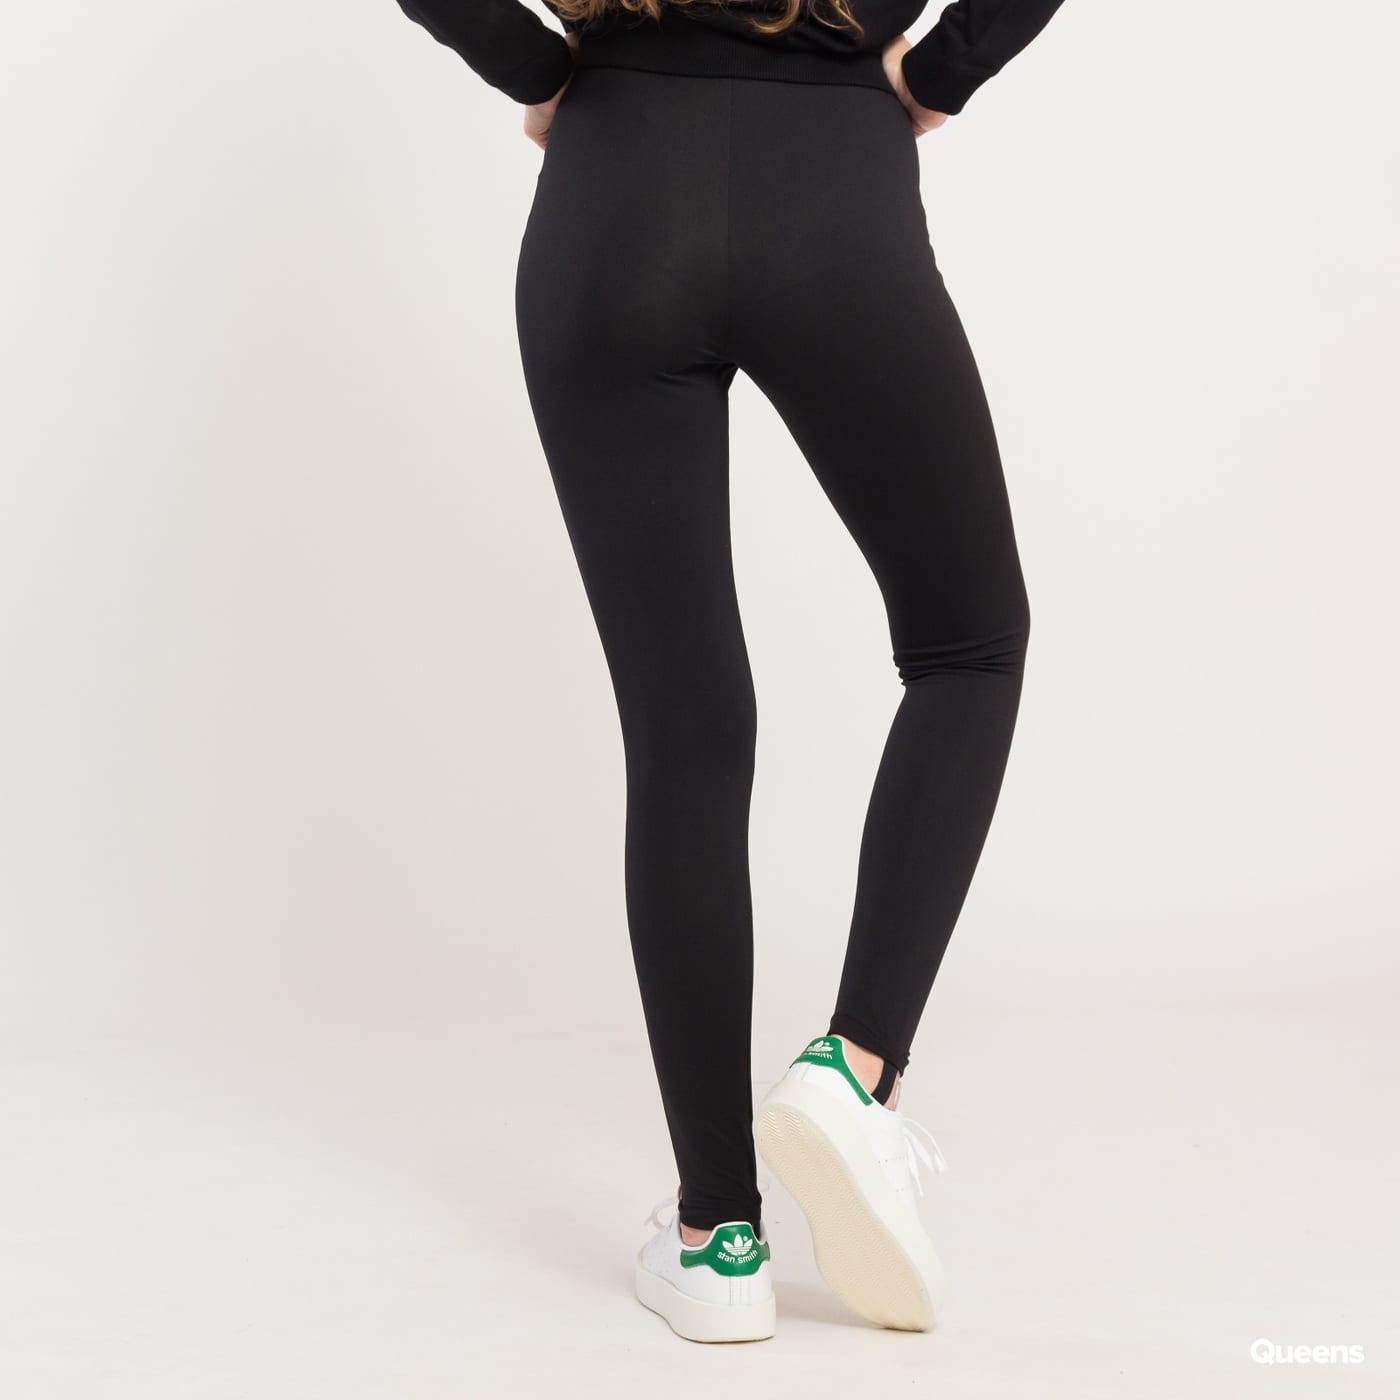 ZvětšitZvětšitZvětšitZvětšitZvětšitZvětšit. adidas Originals SC Legging  černé d5933374d6